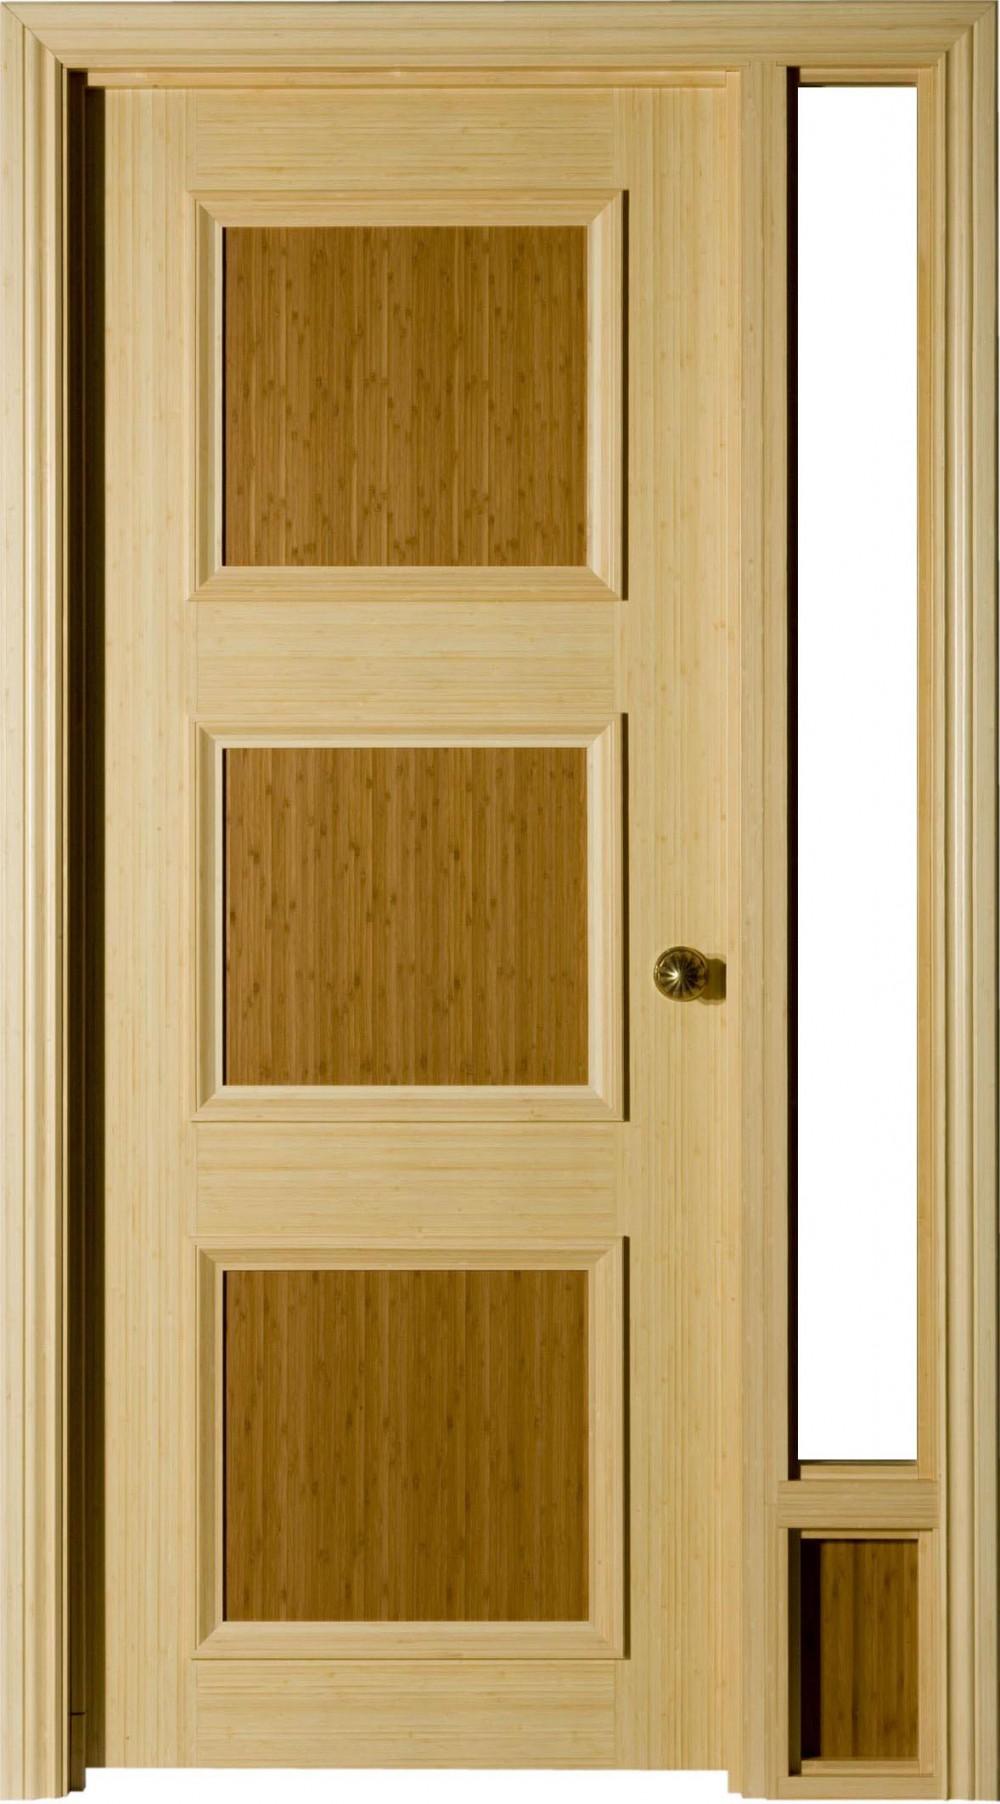 Natural Bamboo & Porte simple bambou naturel avec ouverture | Lambton Doors